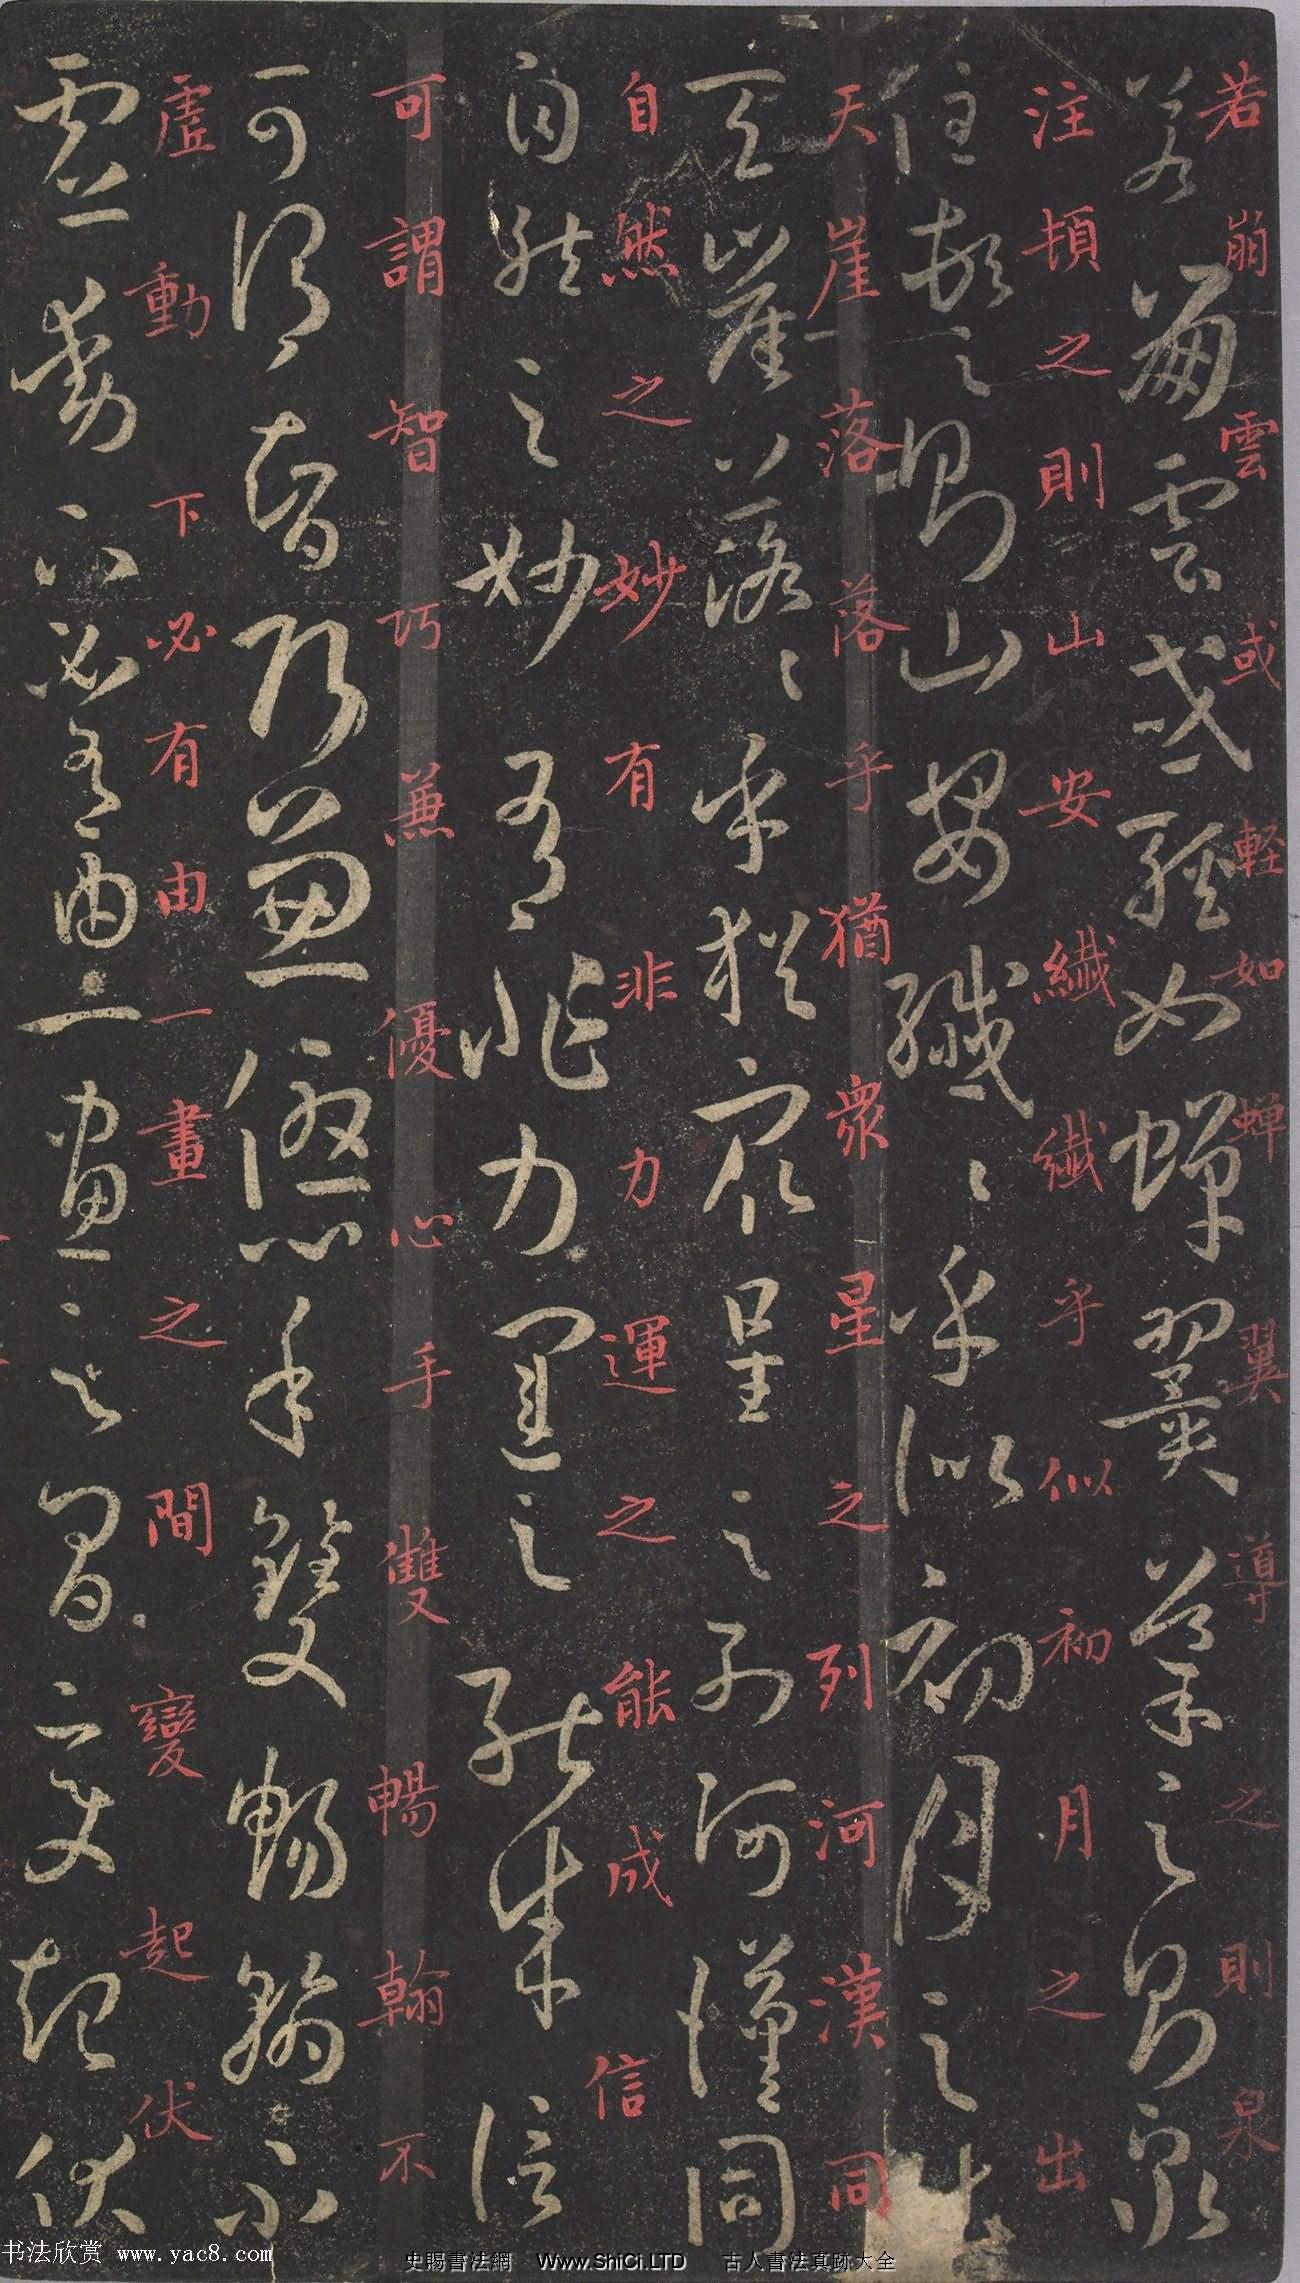 蔣錫韓硃筆釋文《孫過庭書譜》